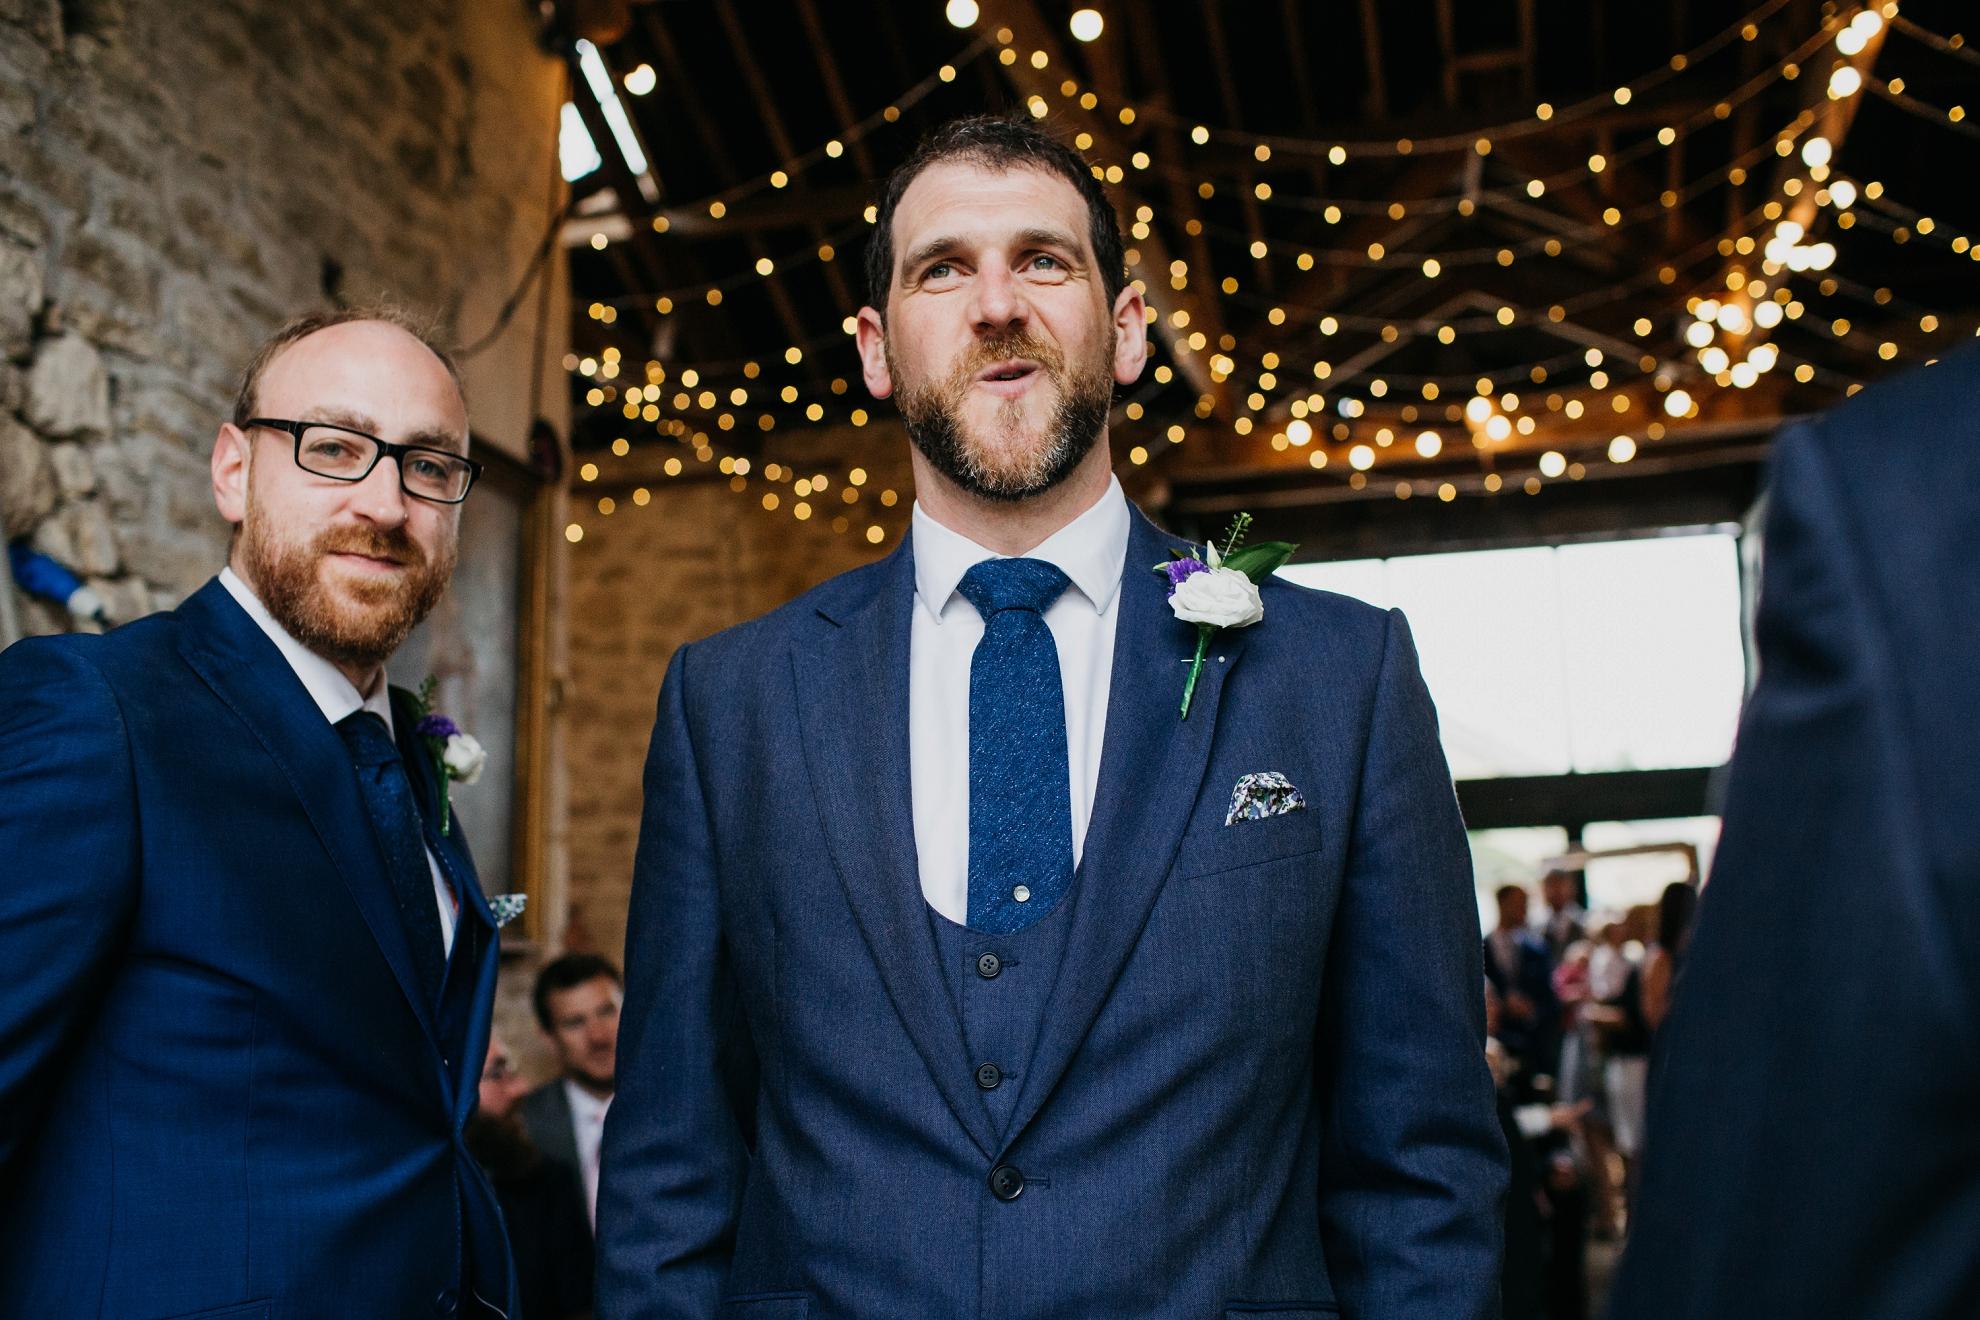 stowford-manor-farm-wedding-_026